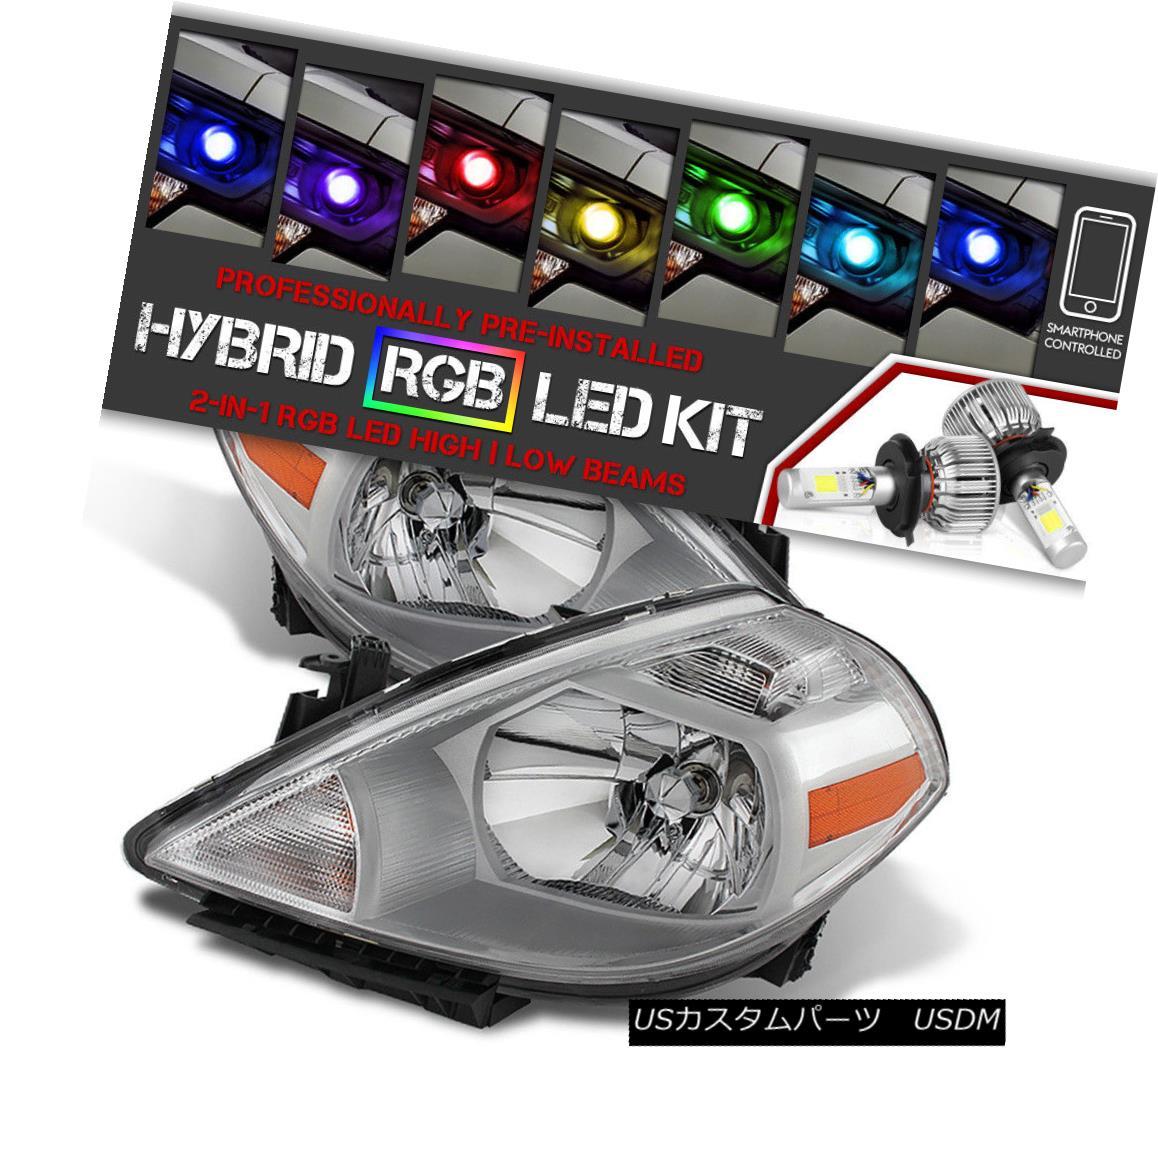 ヘッドライト [Bluetooth RGB LED Bulbs] For 07-12 Nissan Versa Chrome Headlight Lamp Assembly [ブルートゥースRGB LED電球] 07-12日産Versaクロームヘッドライトランプアセンブリ